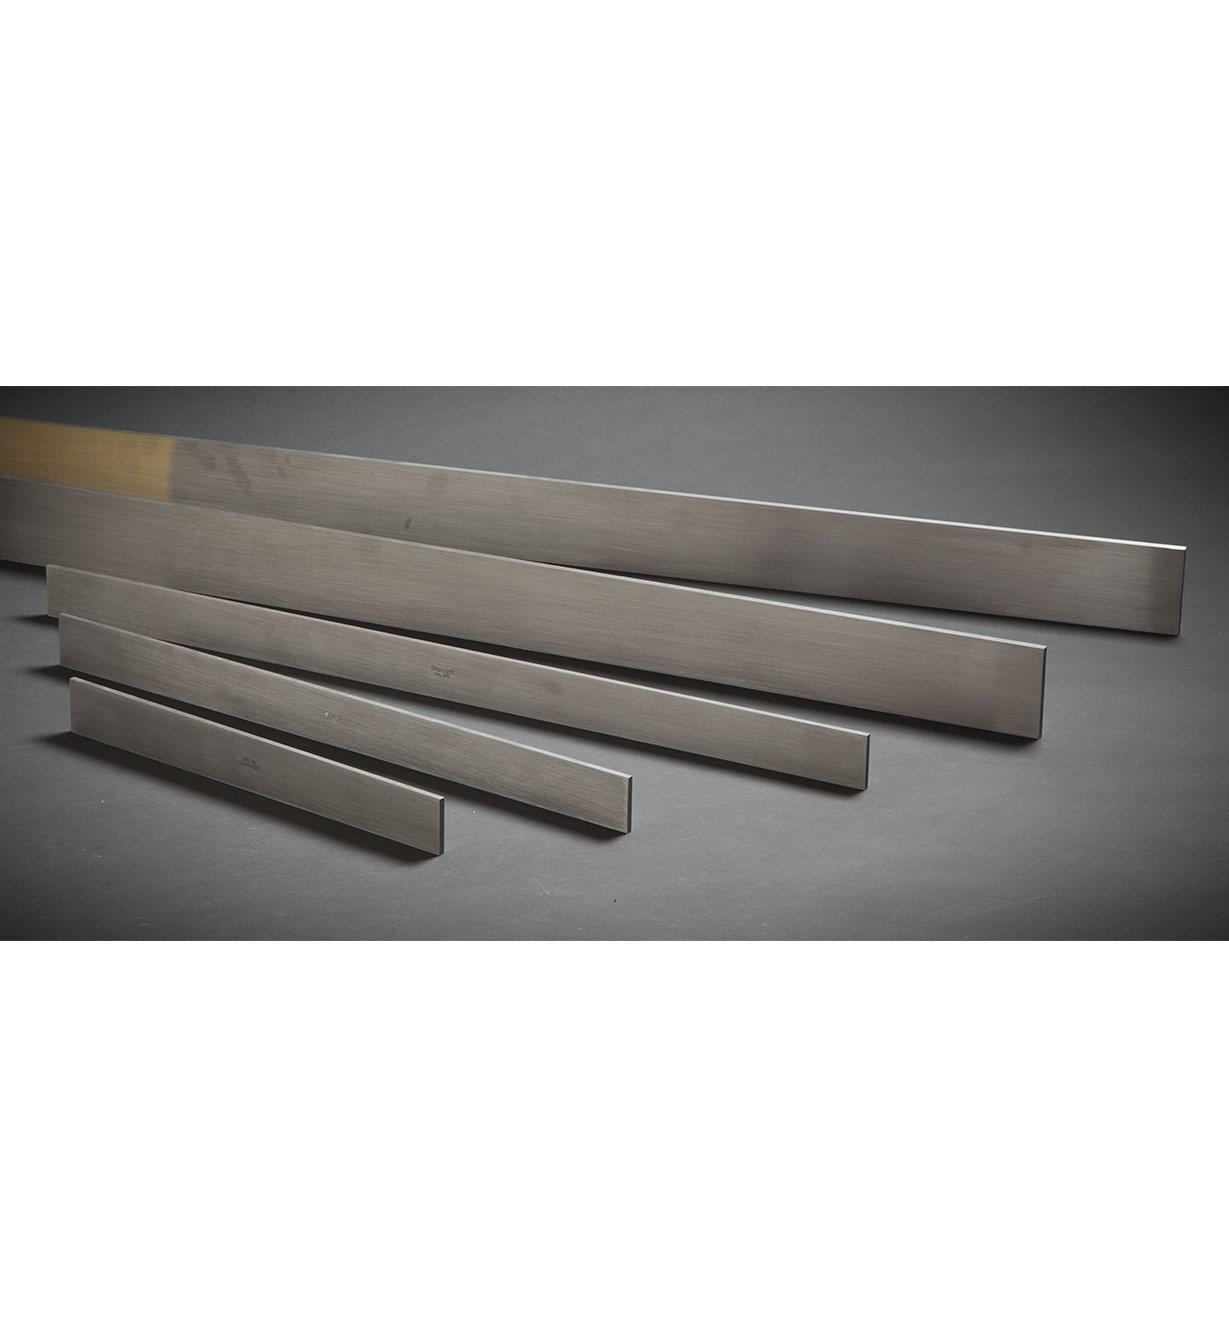 Règles rectifiées de précision en acier Starrett